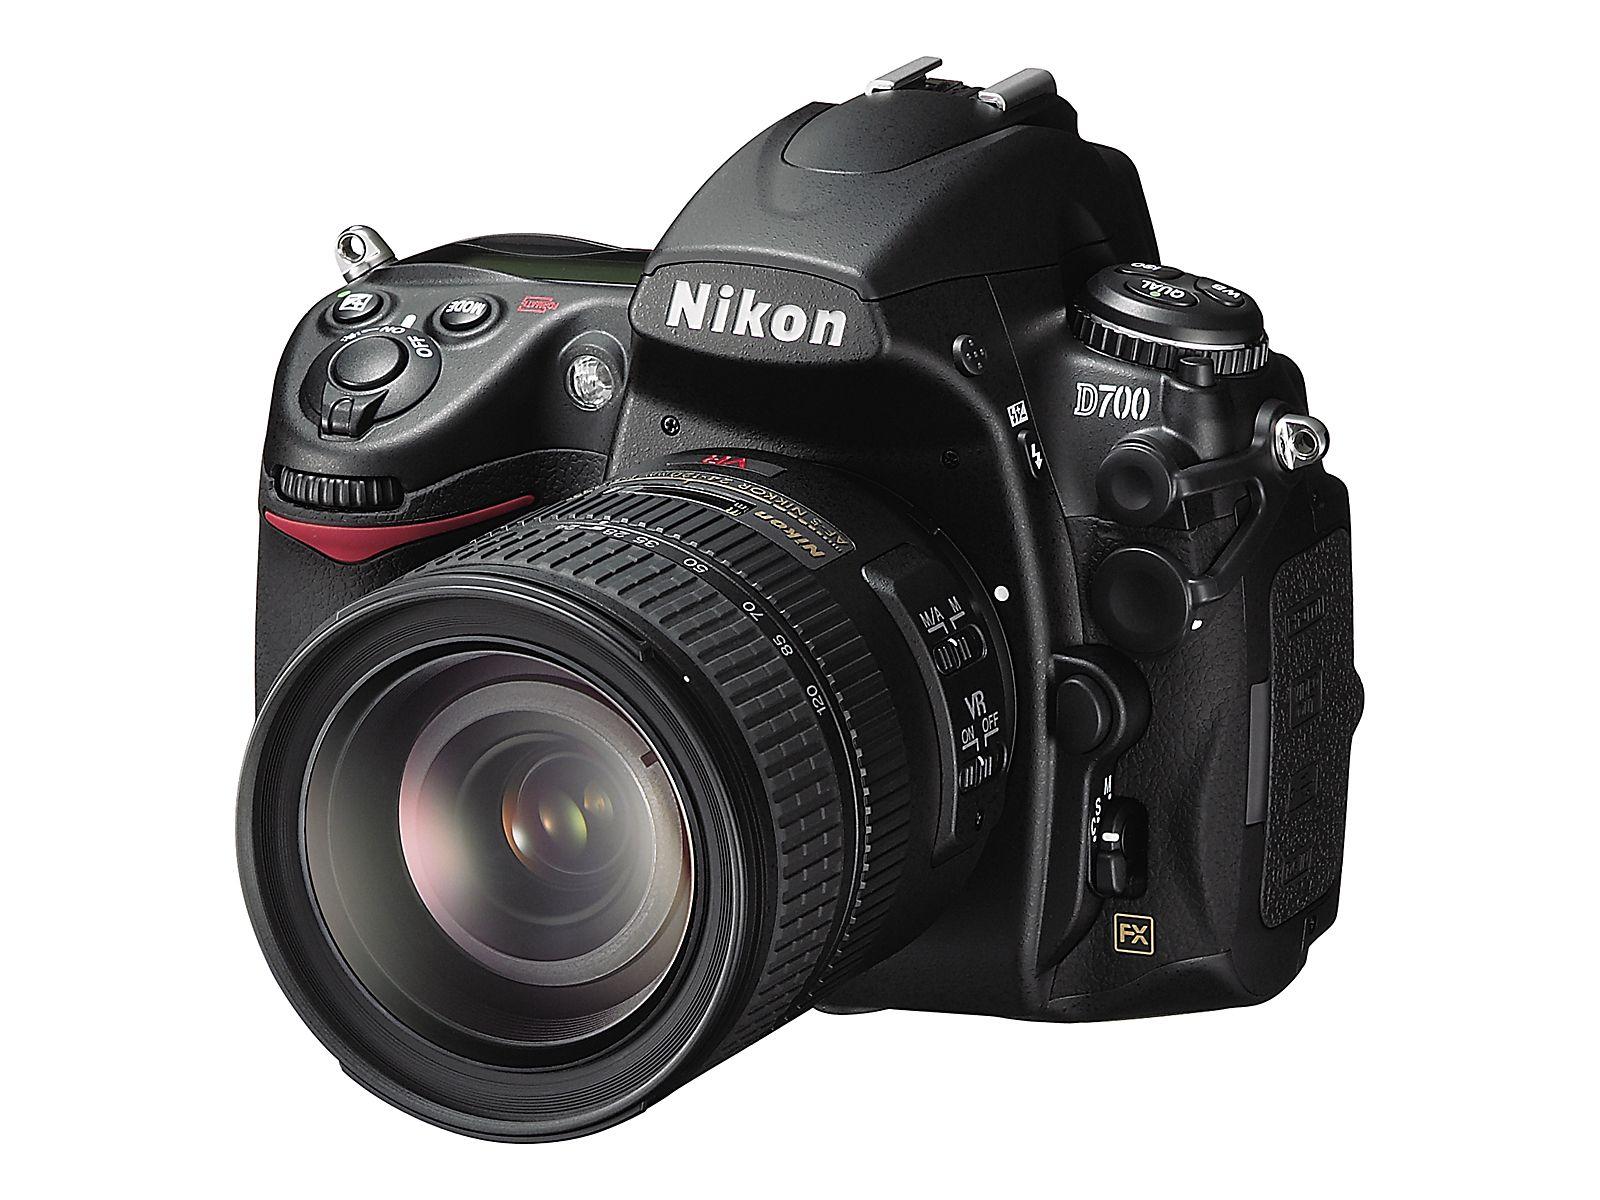 Nikon D700: Moden for en etterfølger?